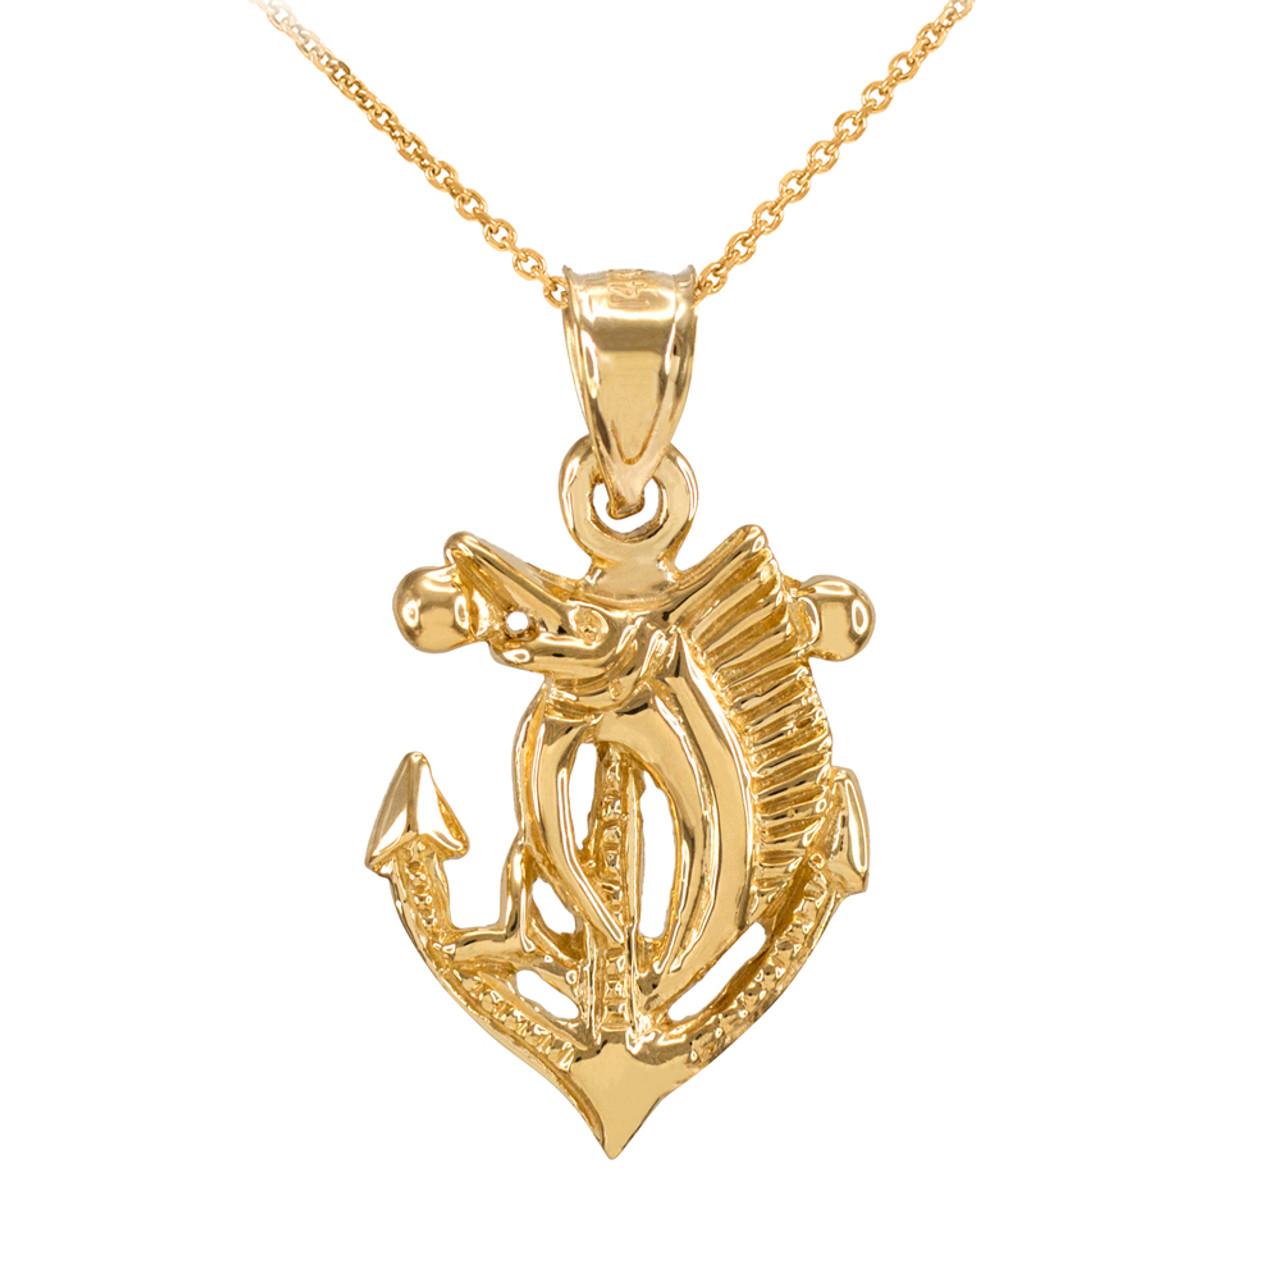 Yellow gold anchor with marlin sailfish diamond cut pendant necklace gold anchor marlin diamond cut pendant necklace aloadofball Gallery